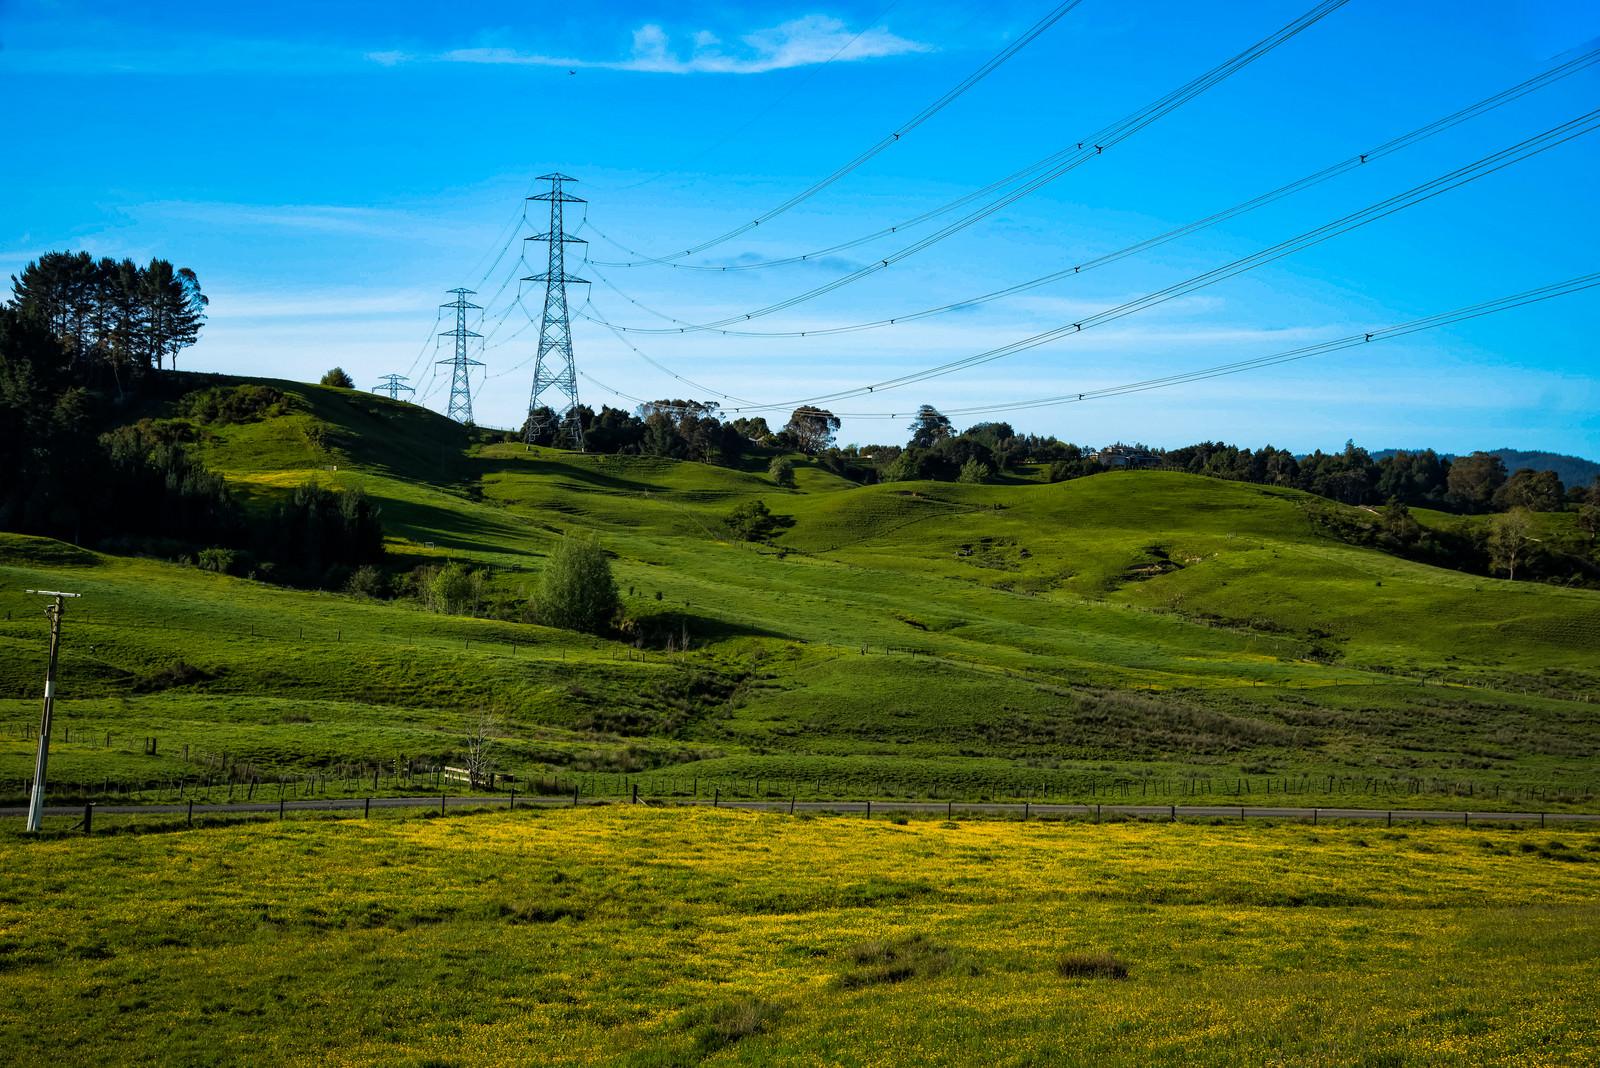 「ニュージーランド郊外まで延びる送電線」の写真